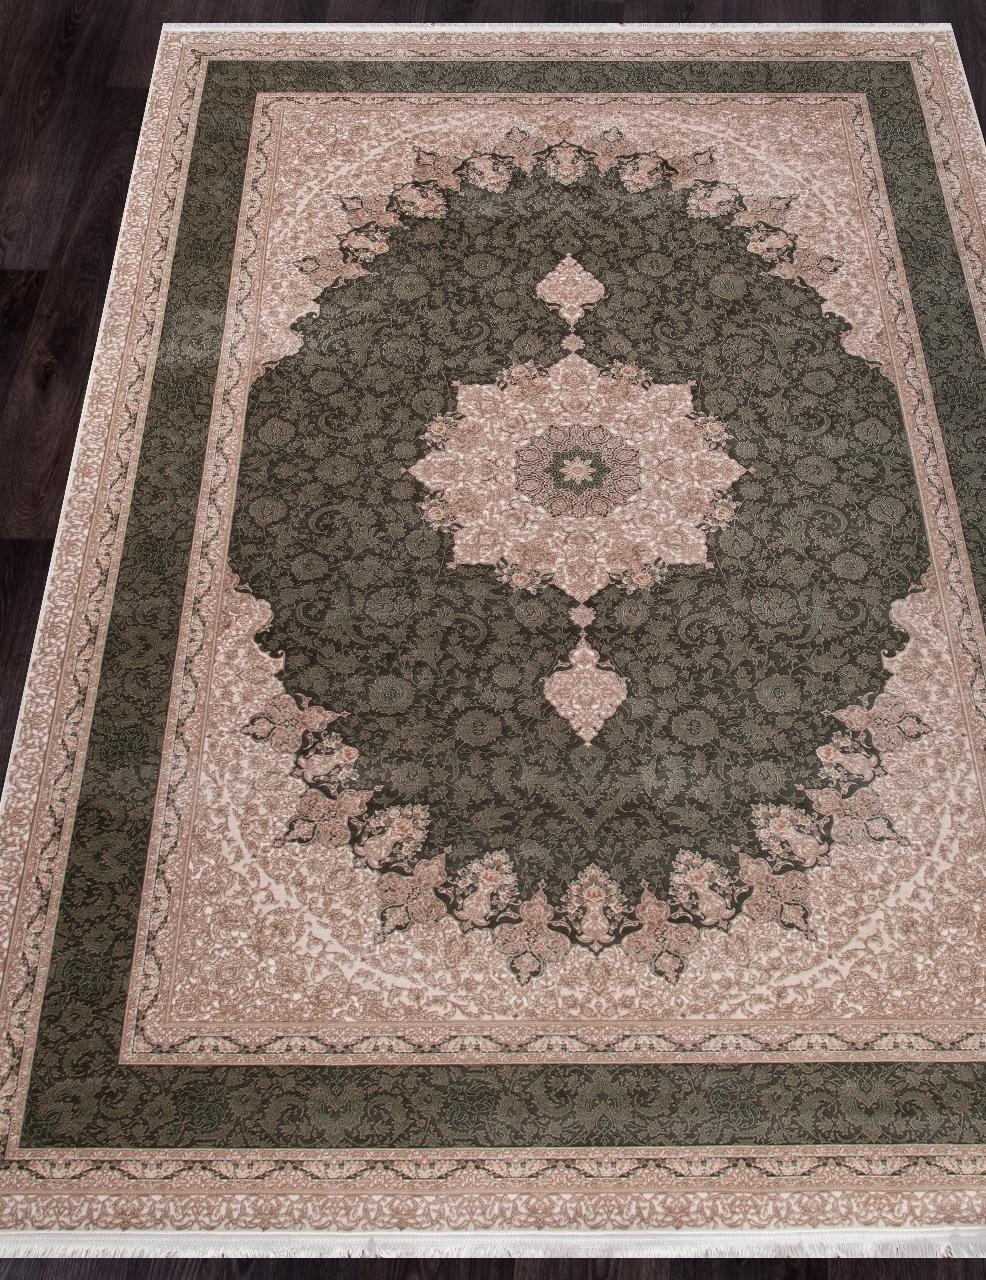 Ковер 8012 - CREAM - Прямоугольник - коллекция NOYAN - фото 1